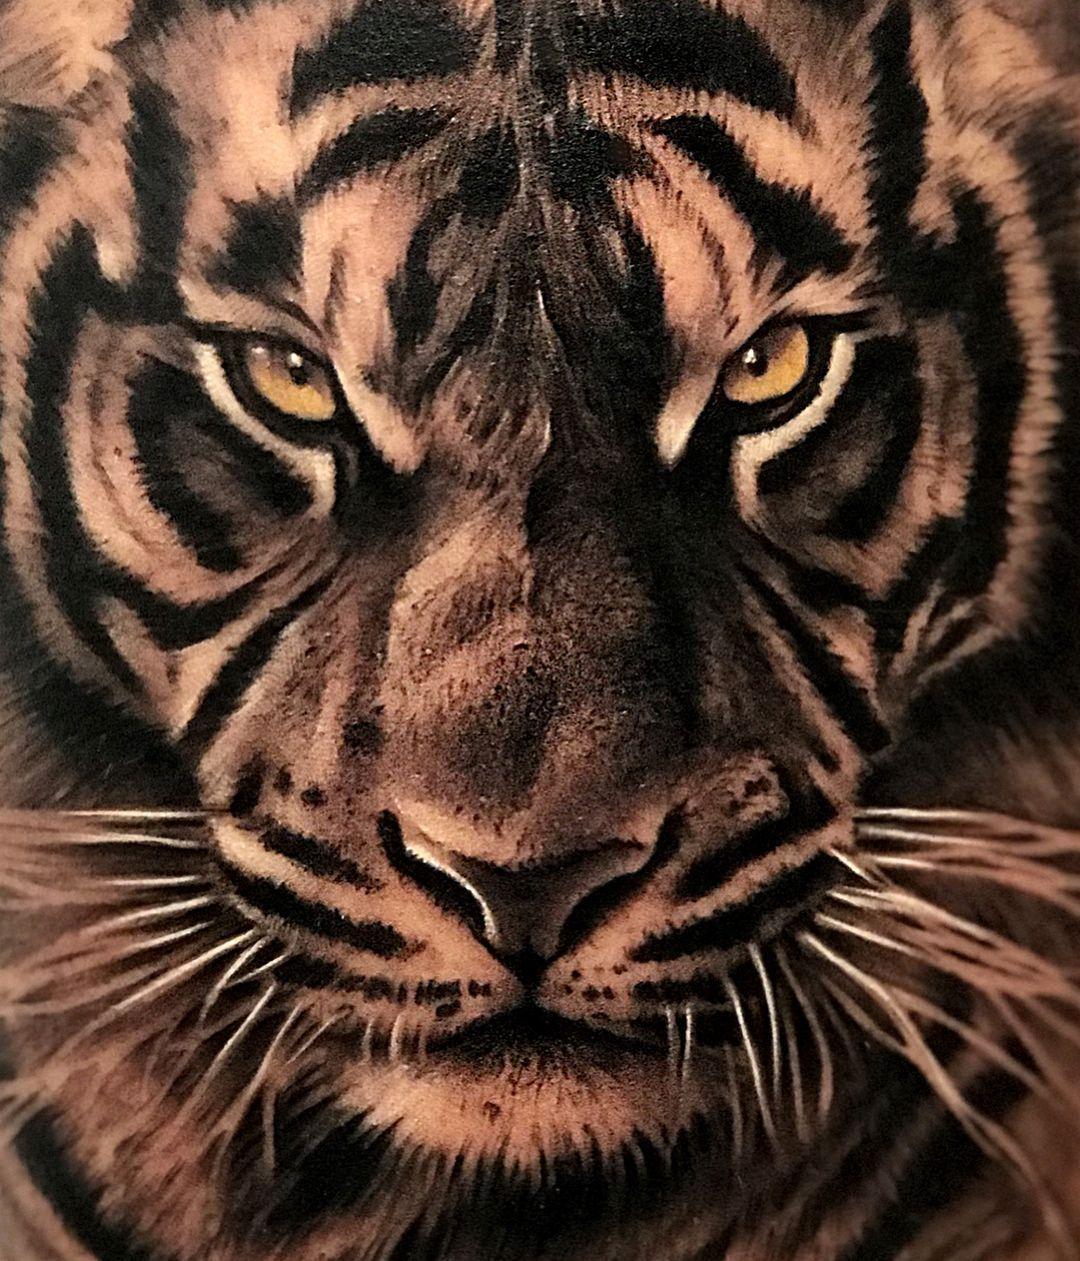 Seven Tattoo On Instagram T Tattoo Tatuaje Ink Love Animal Animals Tiger Boy Ma A In 2020 Tiger Tattoo Sleeve Tiger Tattoo Design Tiger Tattoo